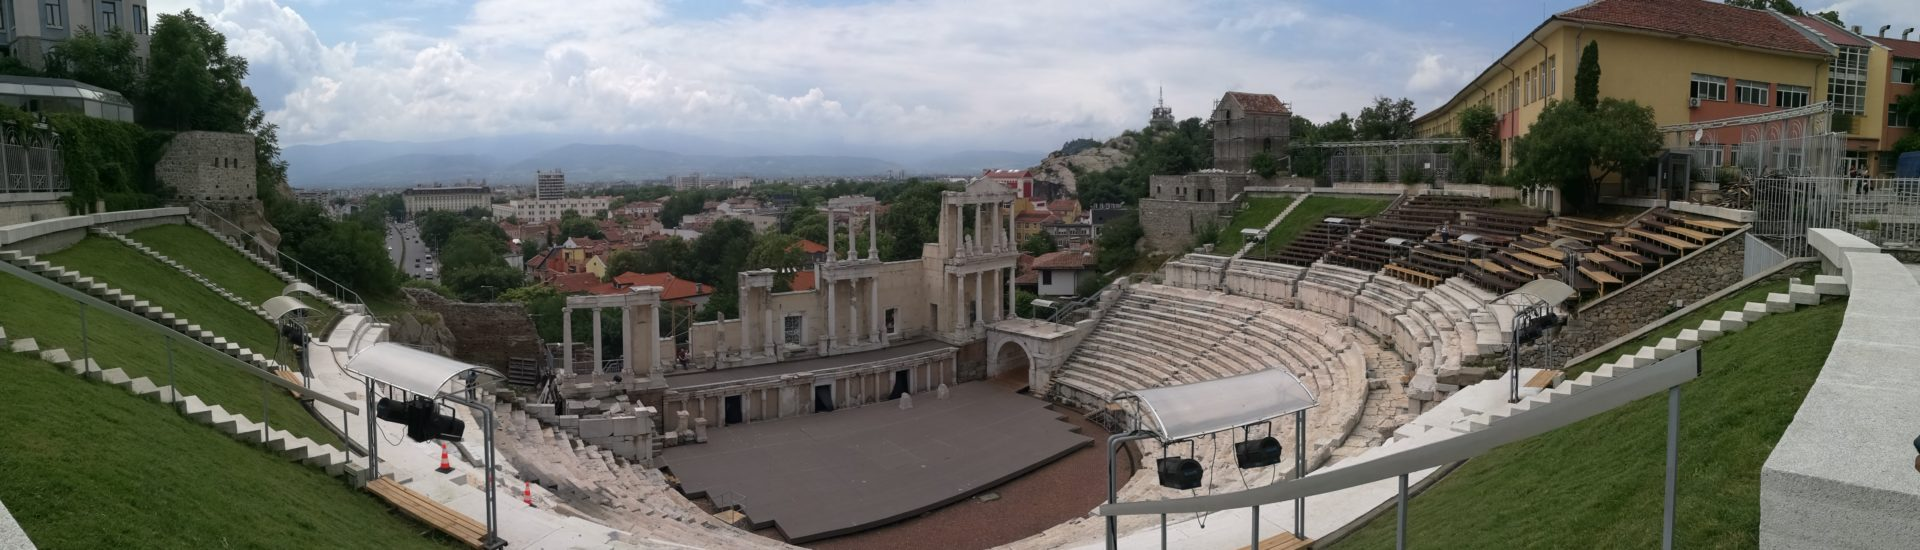 Viajando a Plovdiv